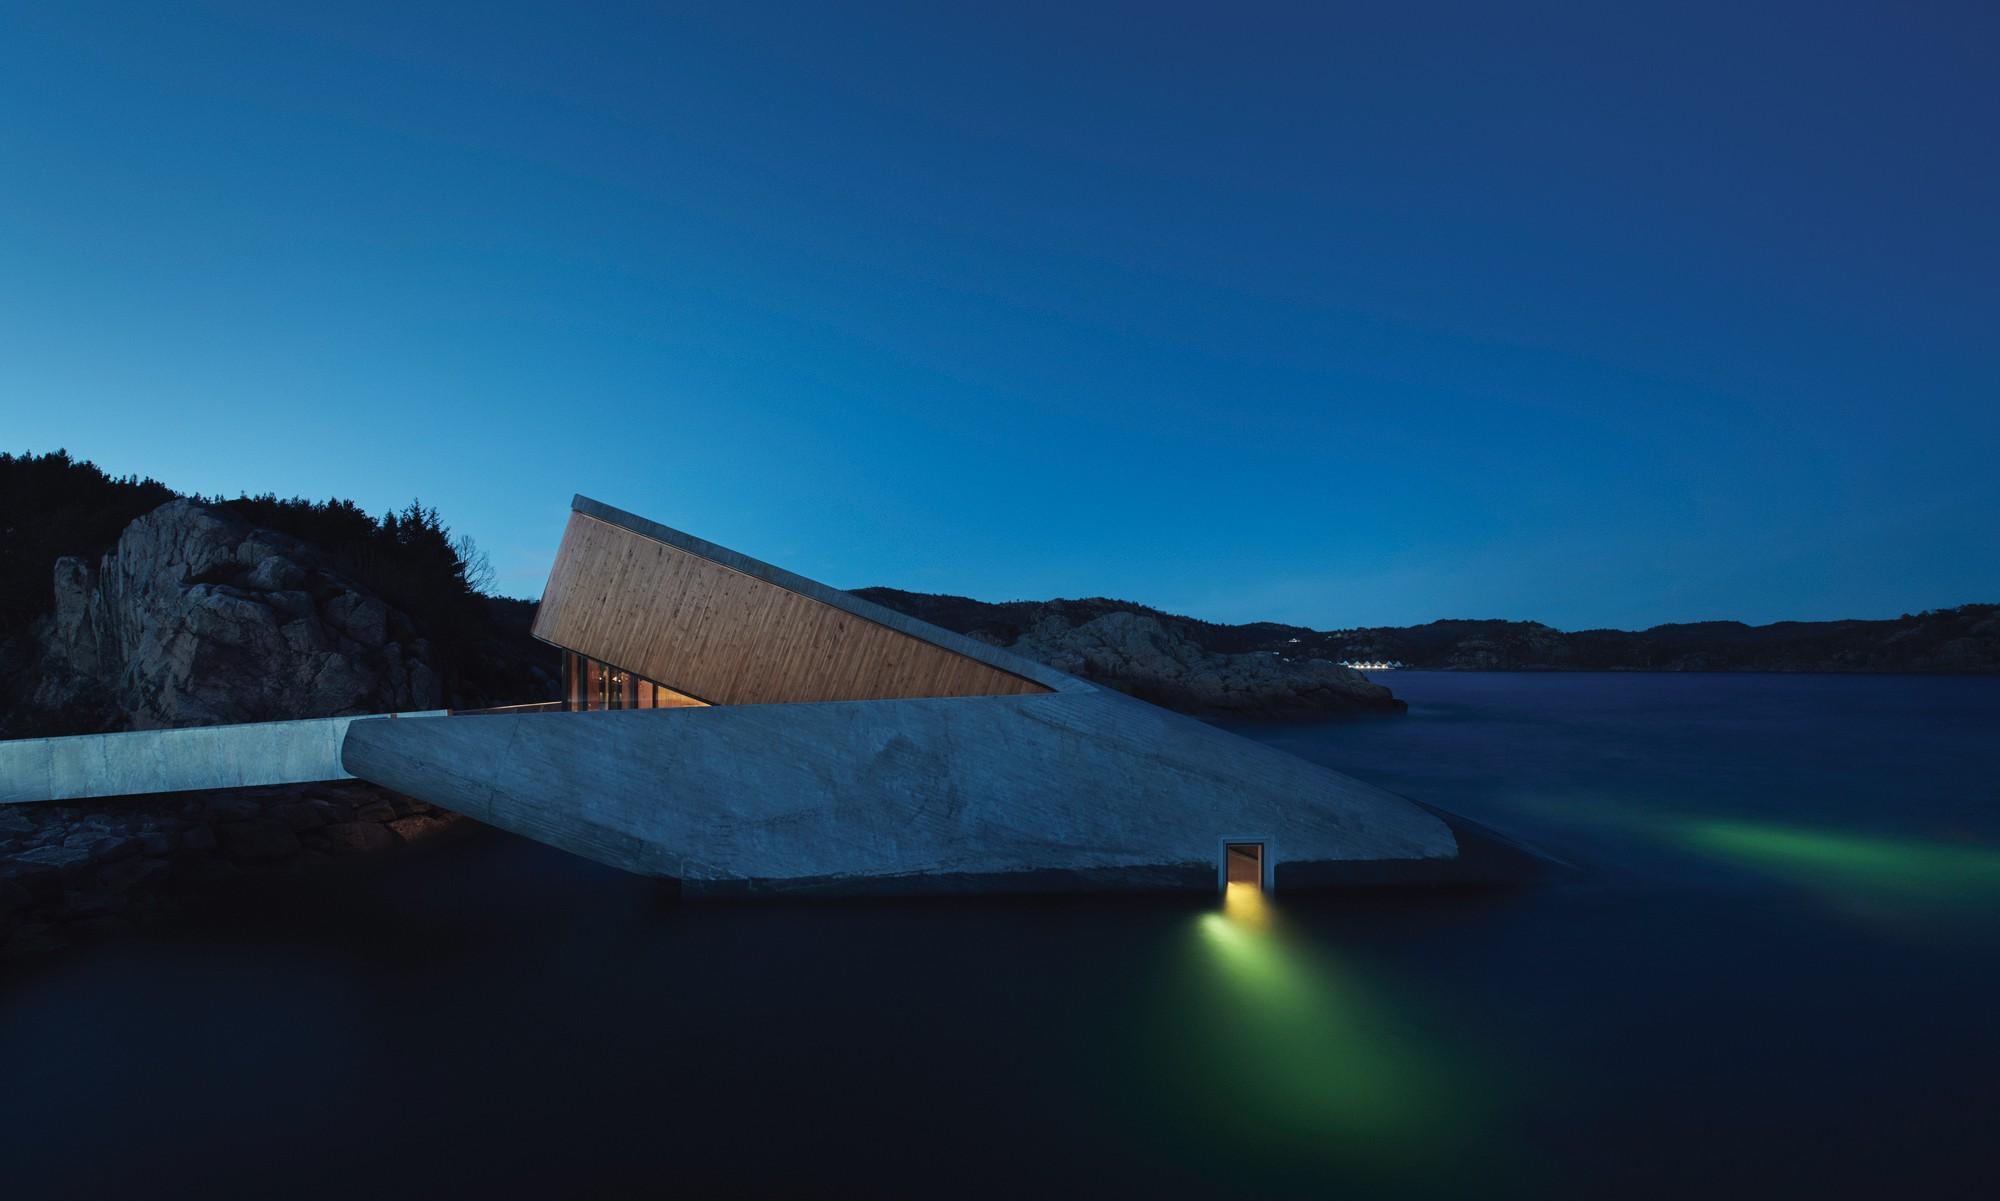 Những tác phẩm kiến trúc ấn tượng nhất 2019 Ảnh 3